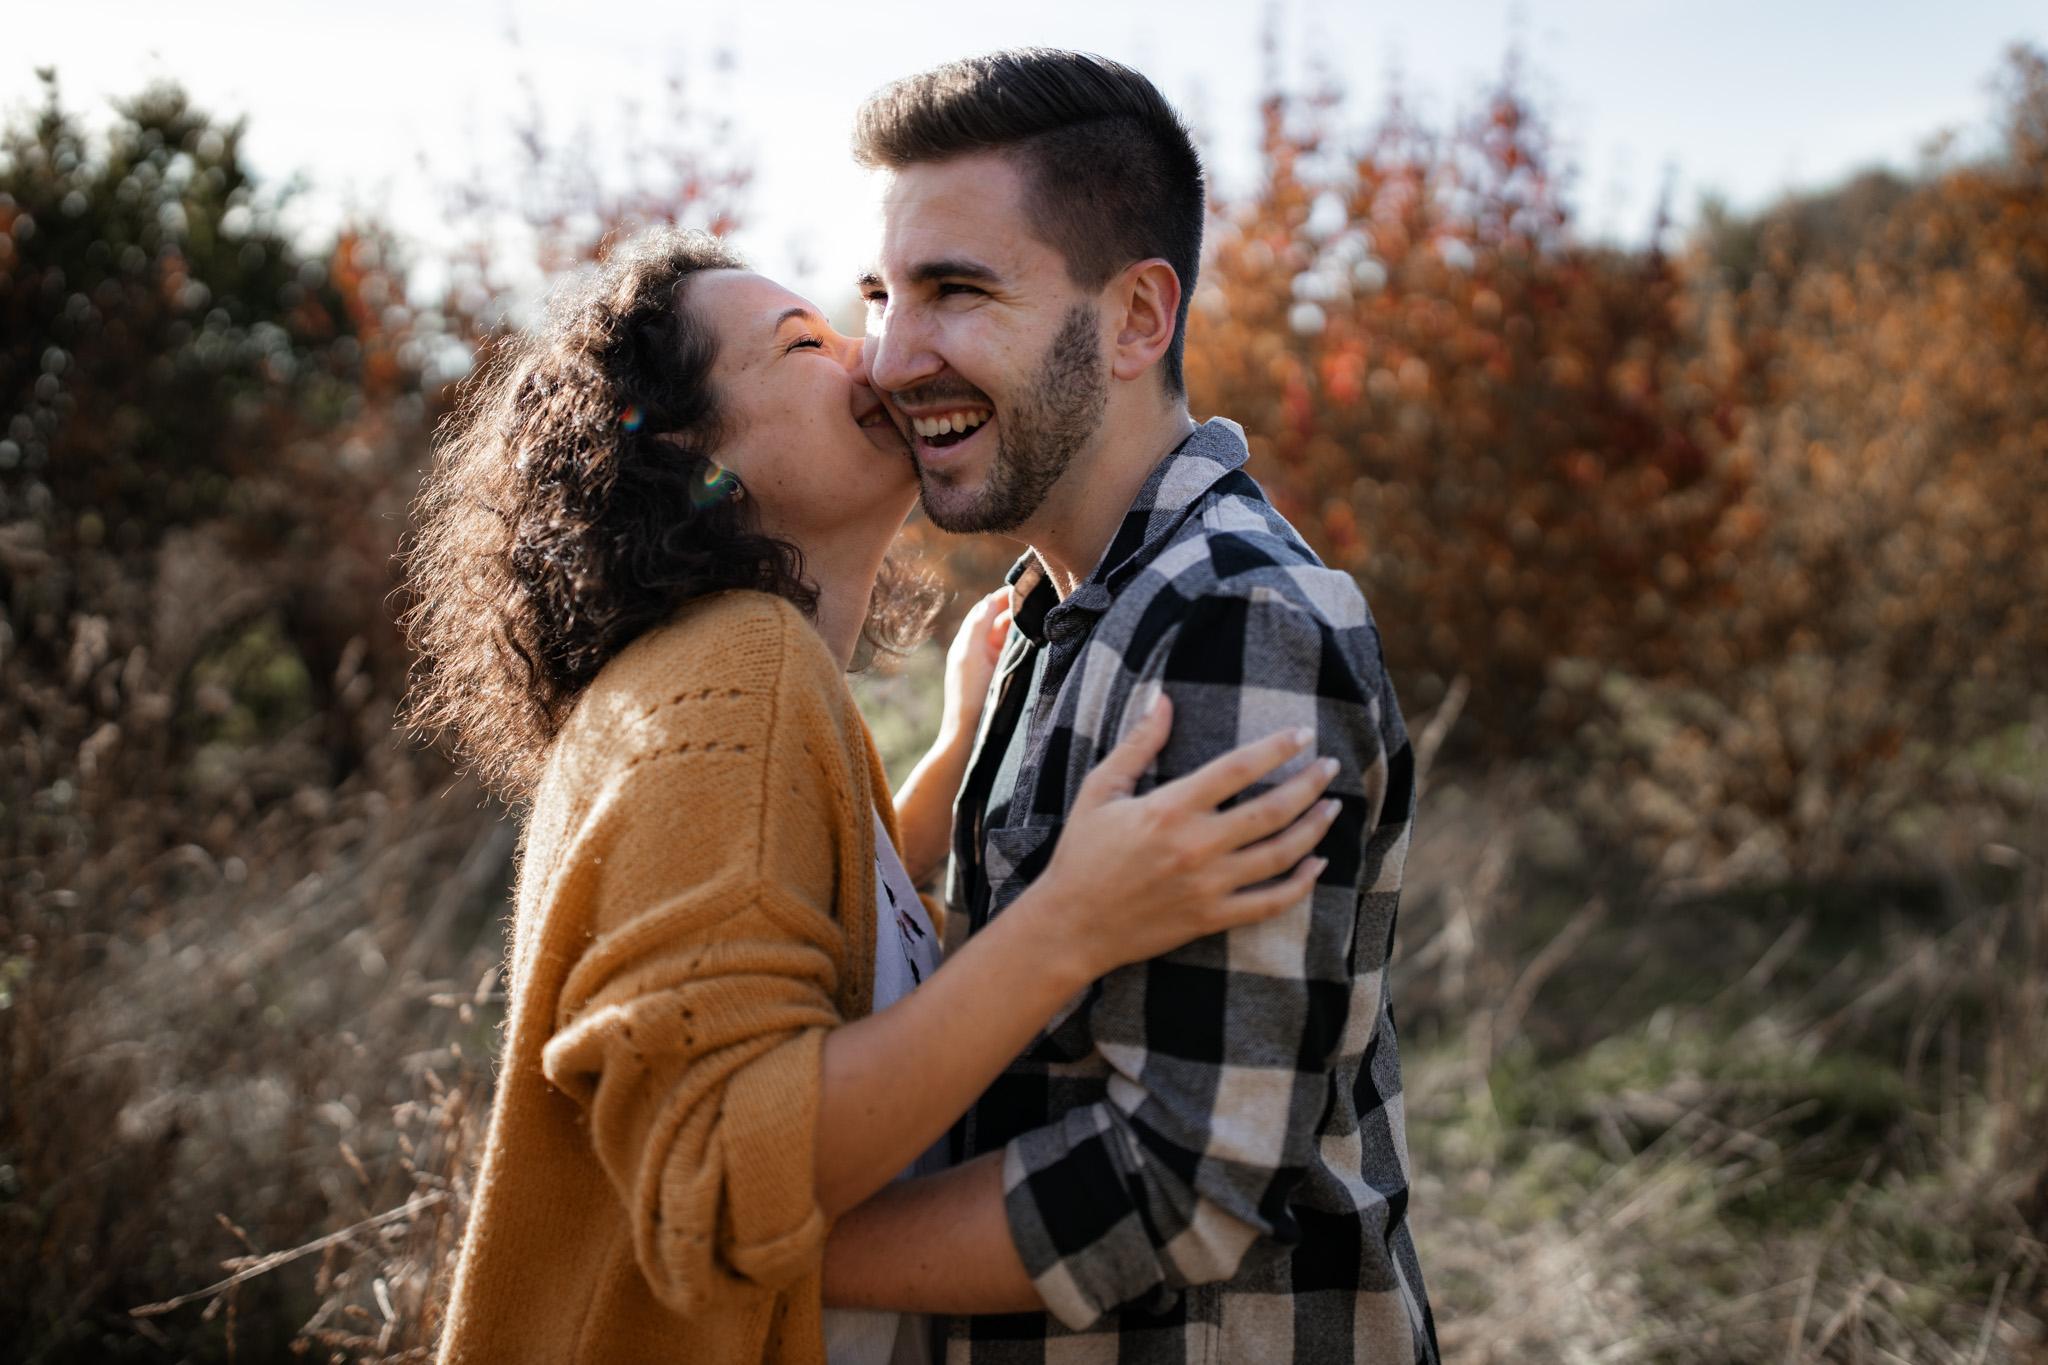 Sarah und Patrick hatten Jahrestag - daher ließen sich die Beiden Paarfotos anfertigen